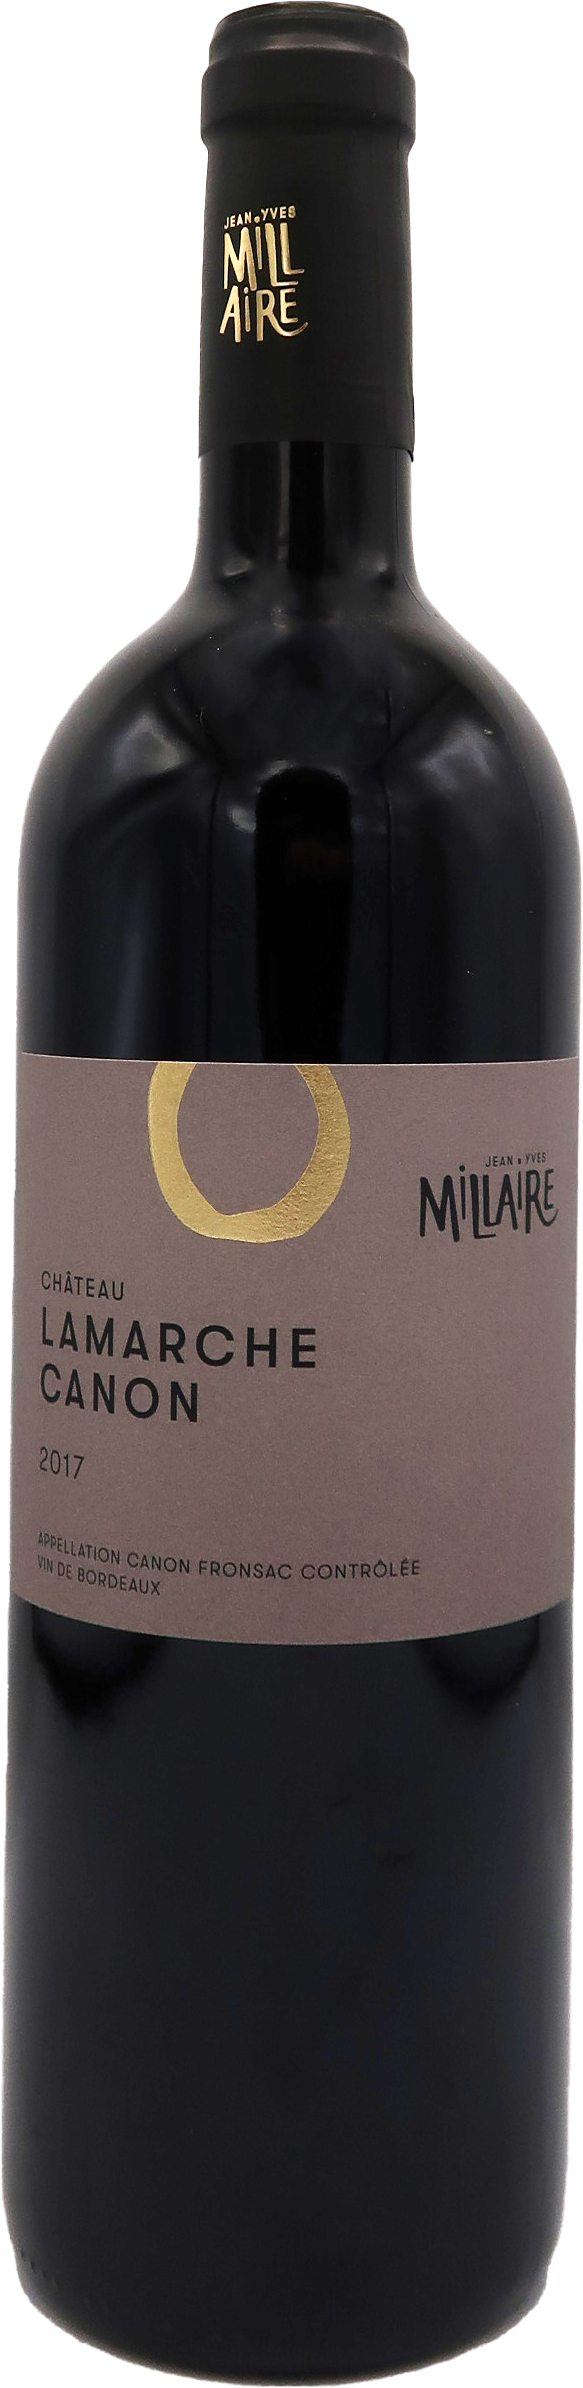 Château Lamarche Canon 2017 - Vignobles Millaire